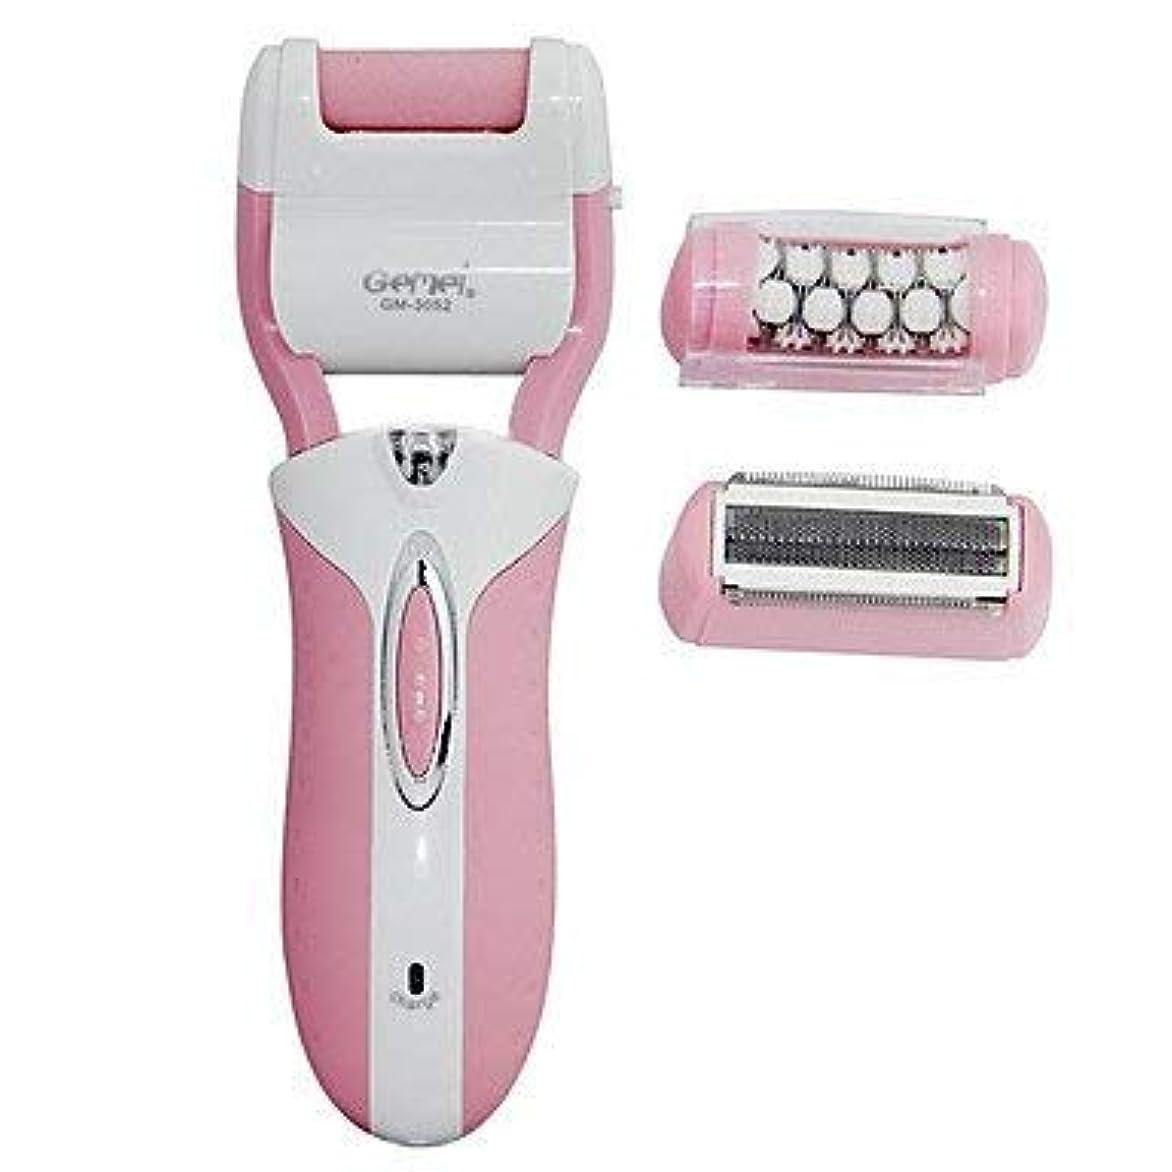 融合ポーズ国勢調査HPYOD HOME 脱毛器の女性ボディ電気低雑音の乾燥した髭そりのステンレス鋼の赤面ピンク